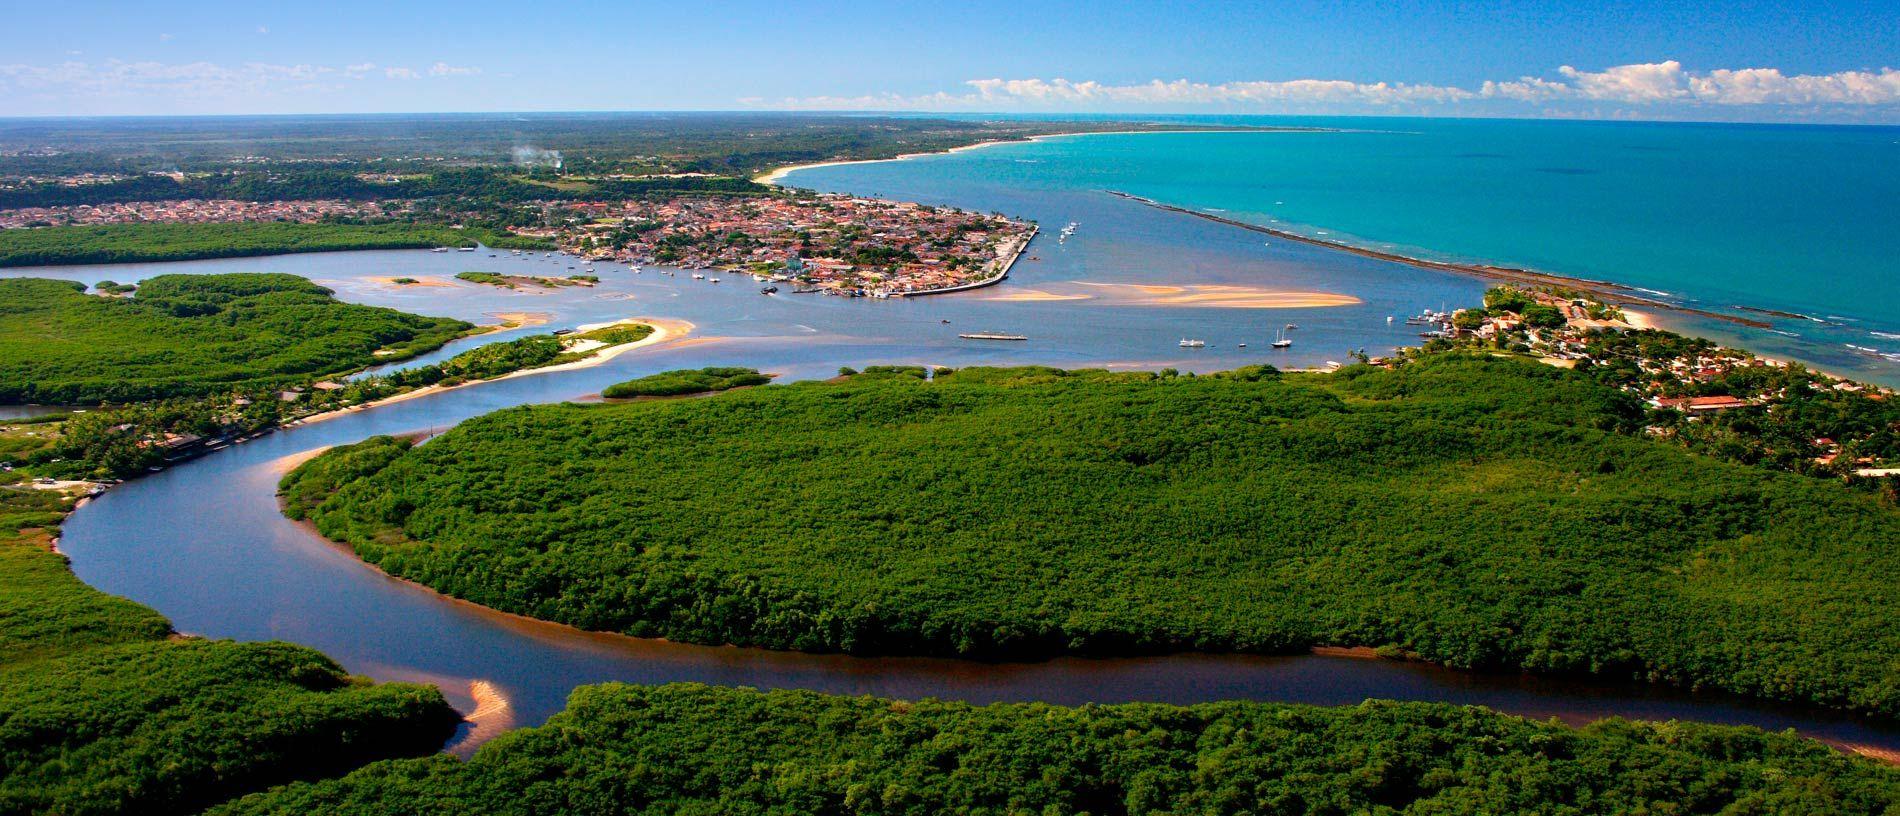 www.portosegurotur.com